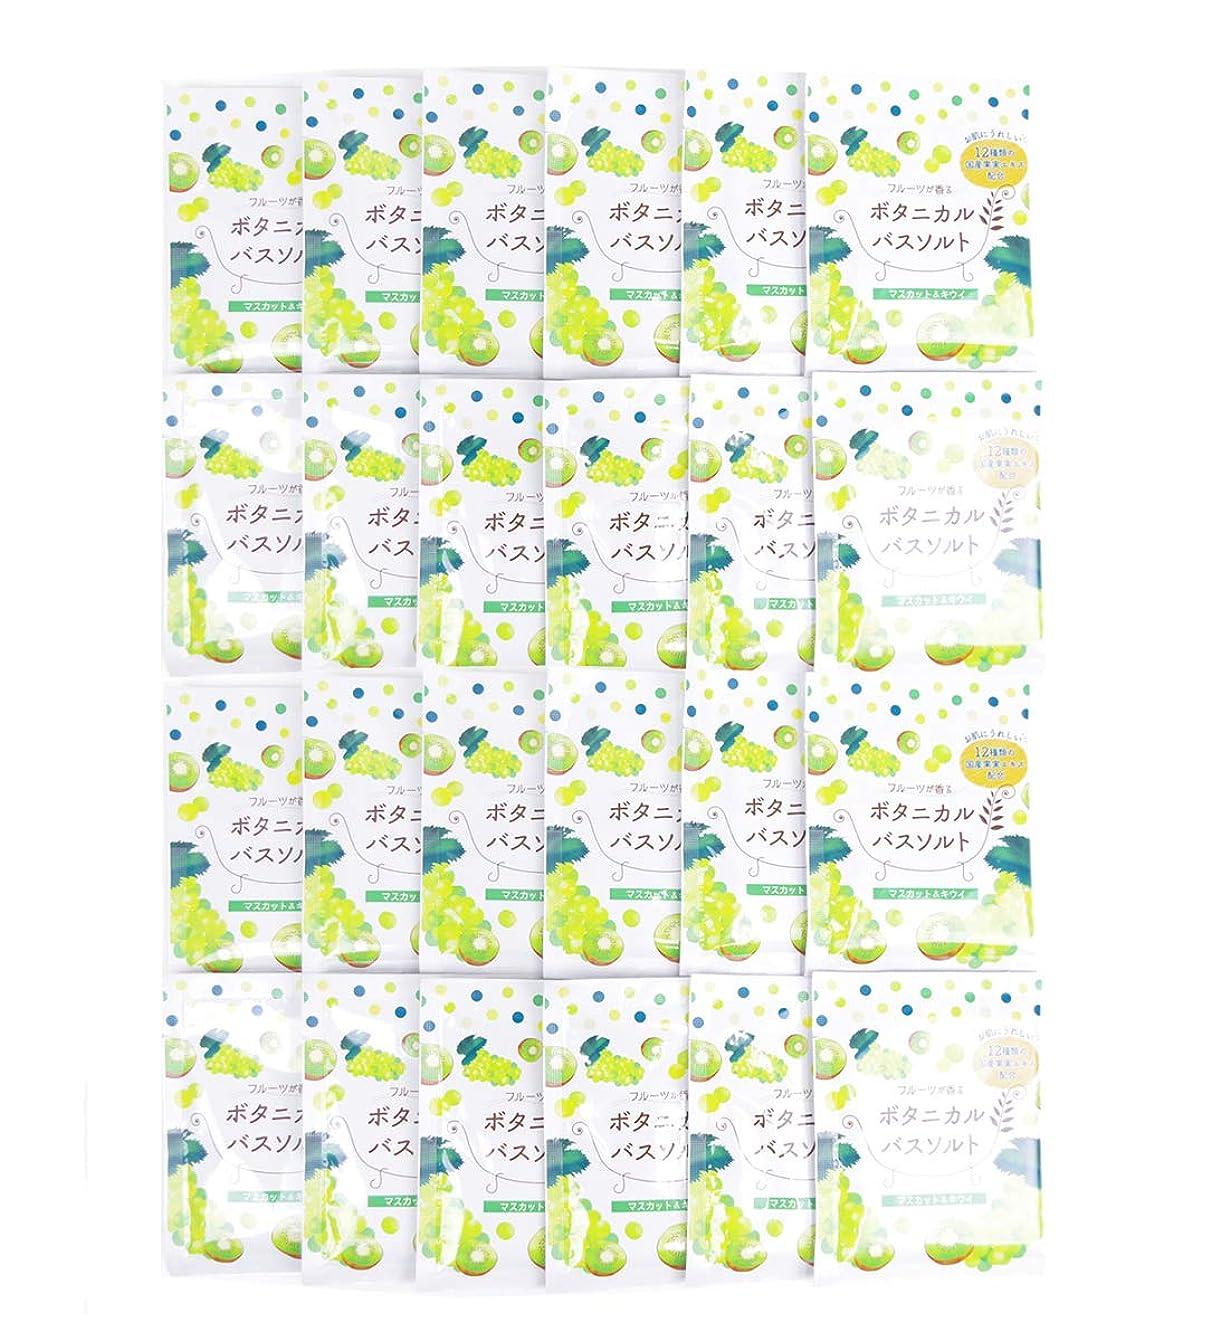 移動遮るジャンル松田医薬品 フルーツが香るボタニカルバスソルト マスカット&キウイ 30g 24個セット